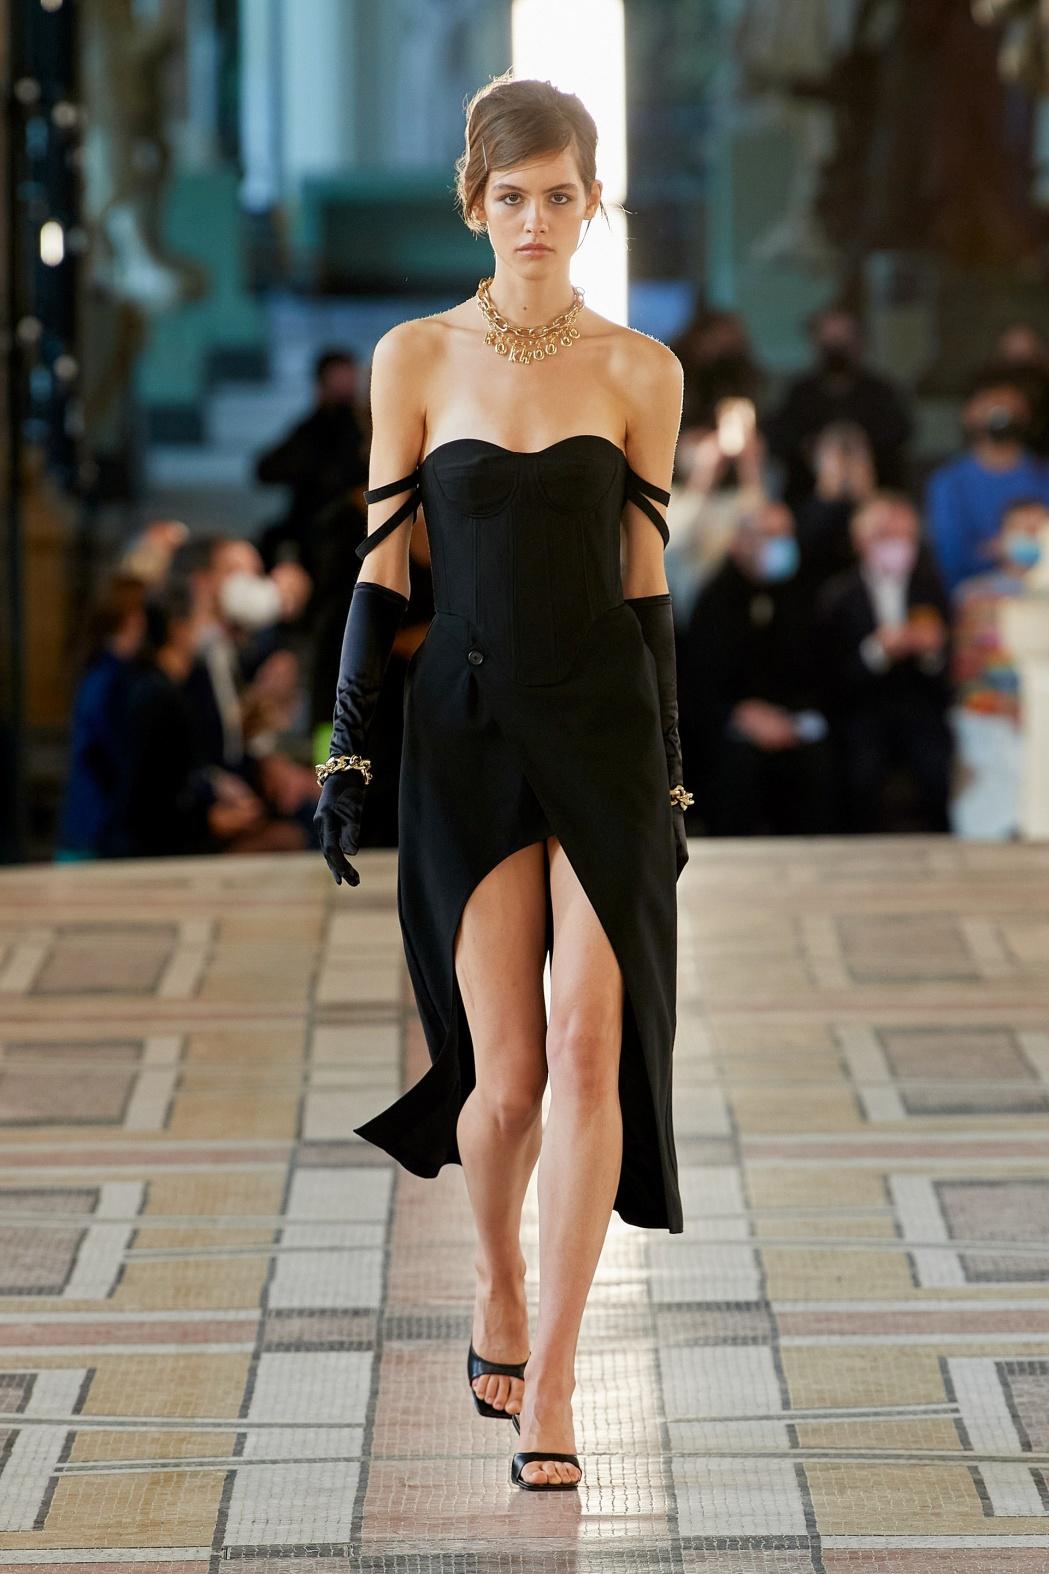 Paris 1. Rokh blk gown vog.jpg